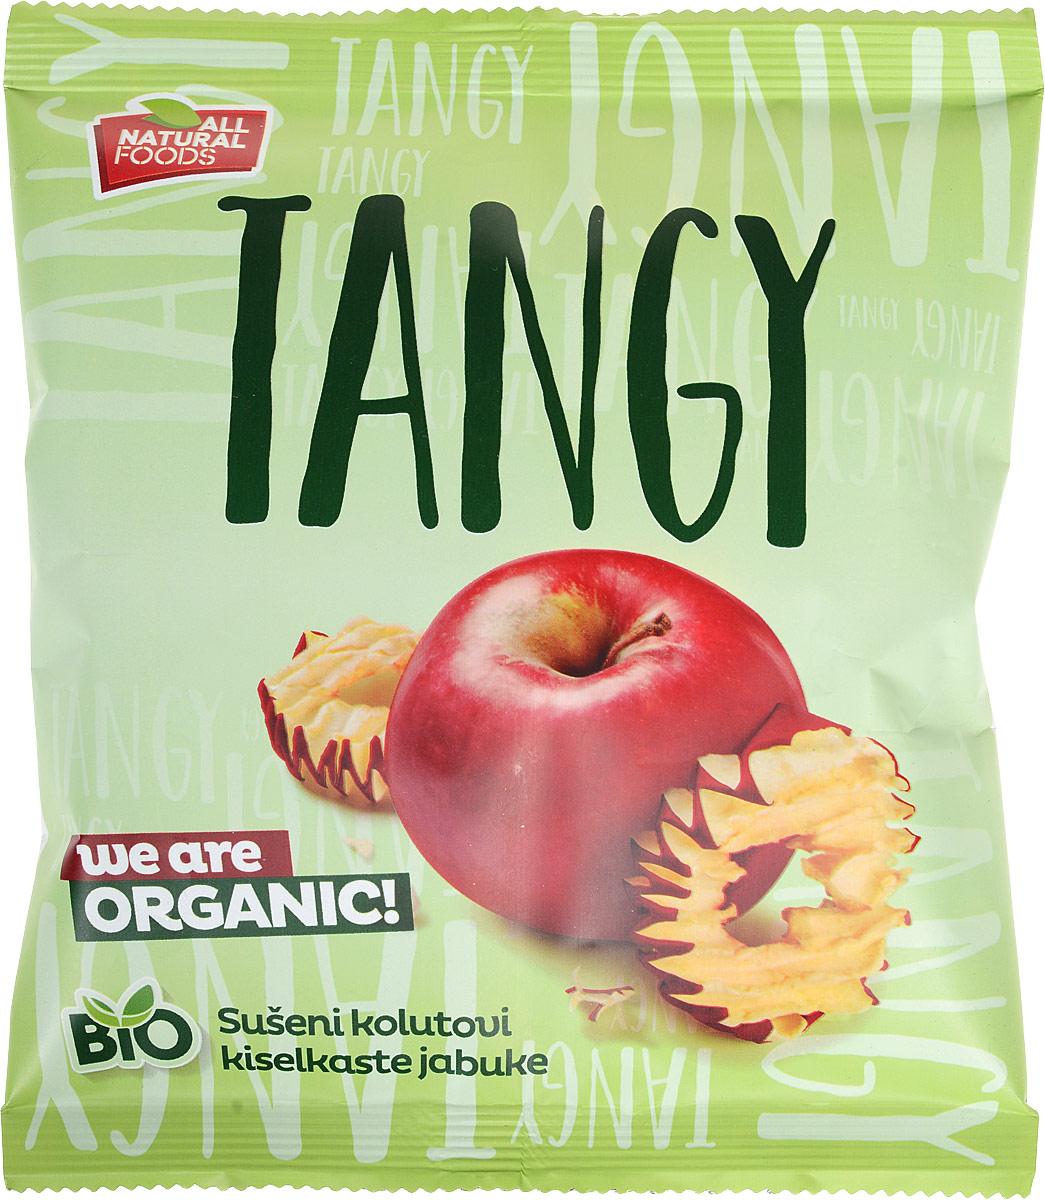 где купить All Natural Foods сушеные колечки яблок кислый сорт, 20 г по лучшей цене